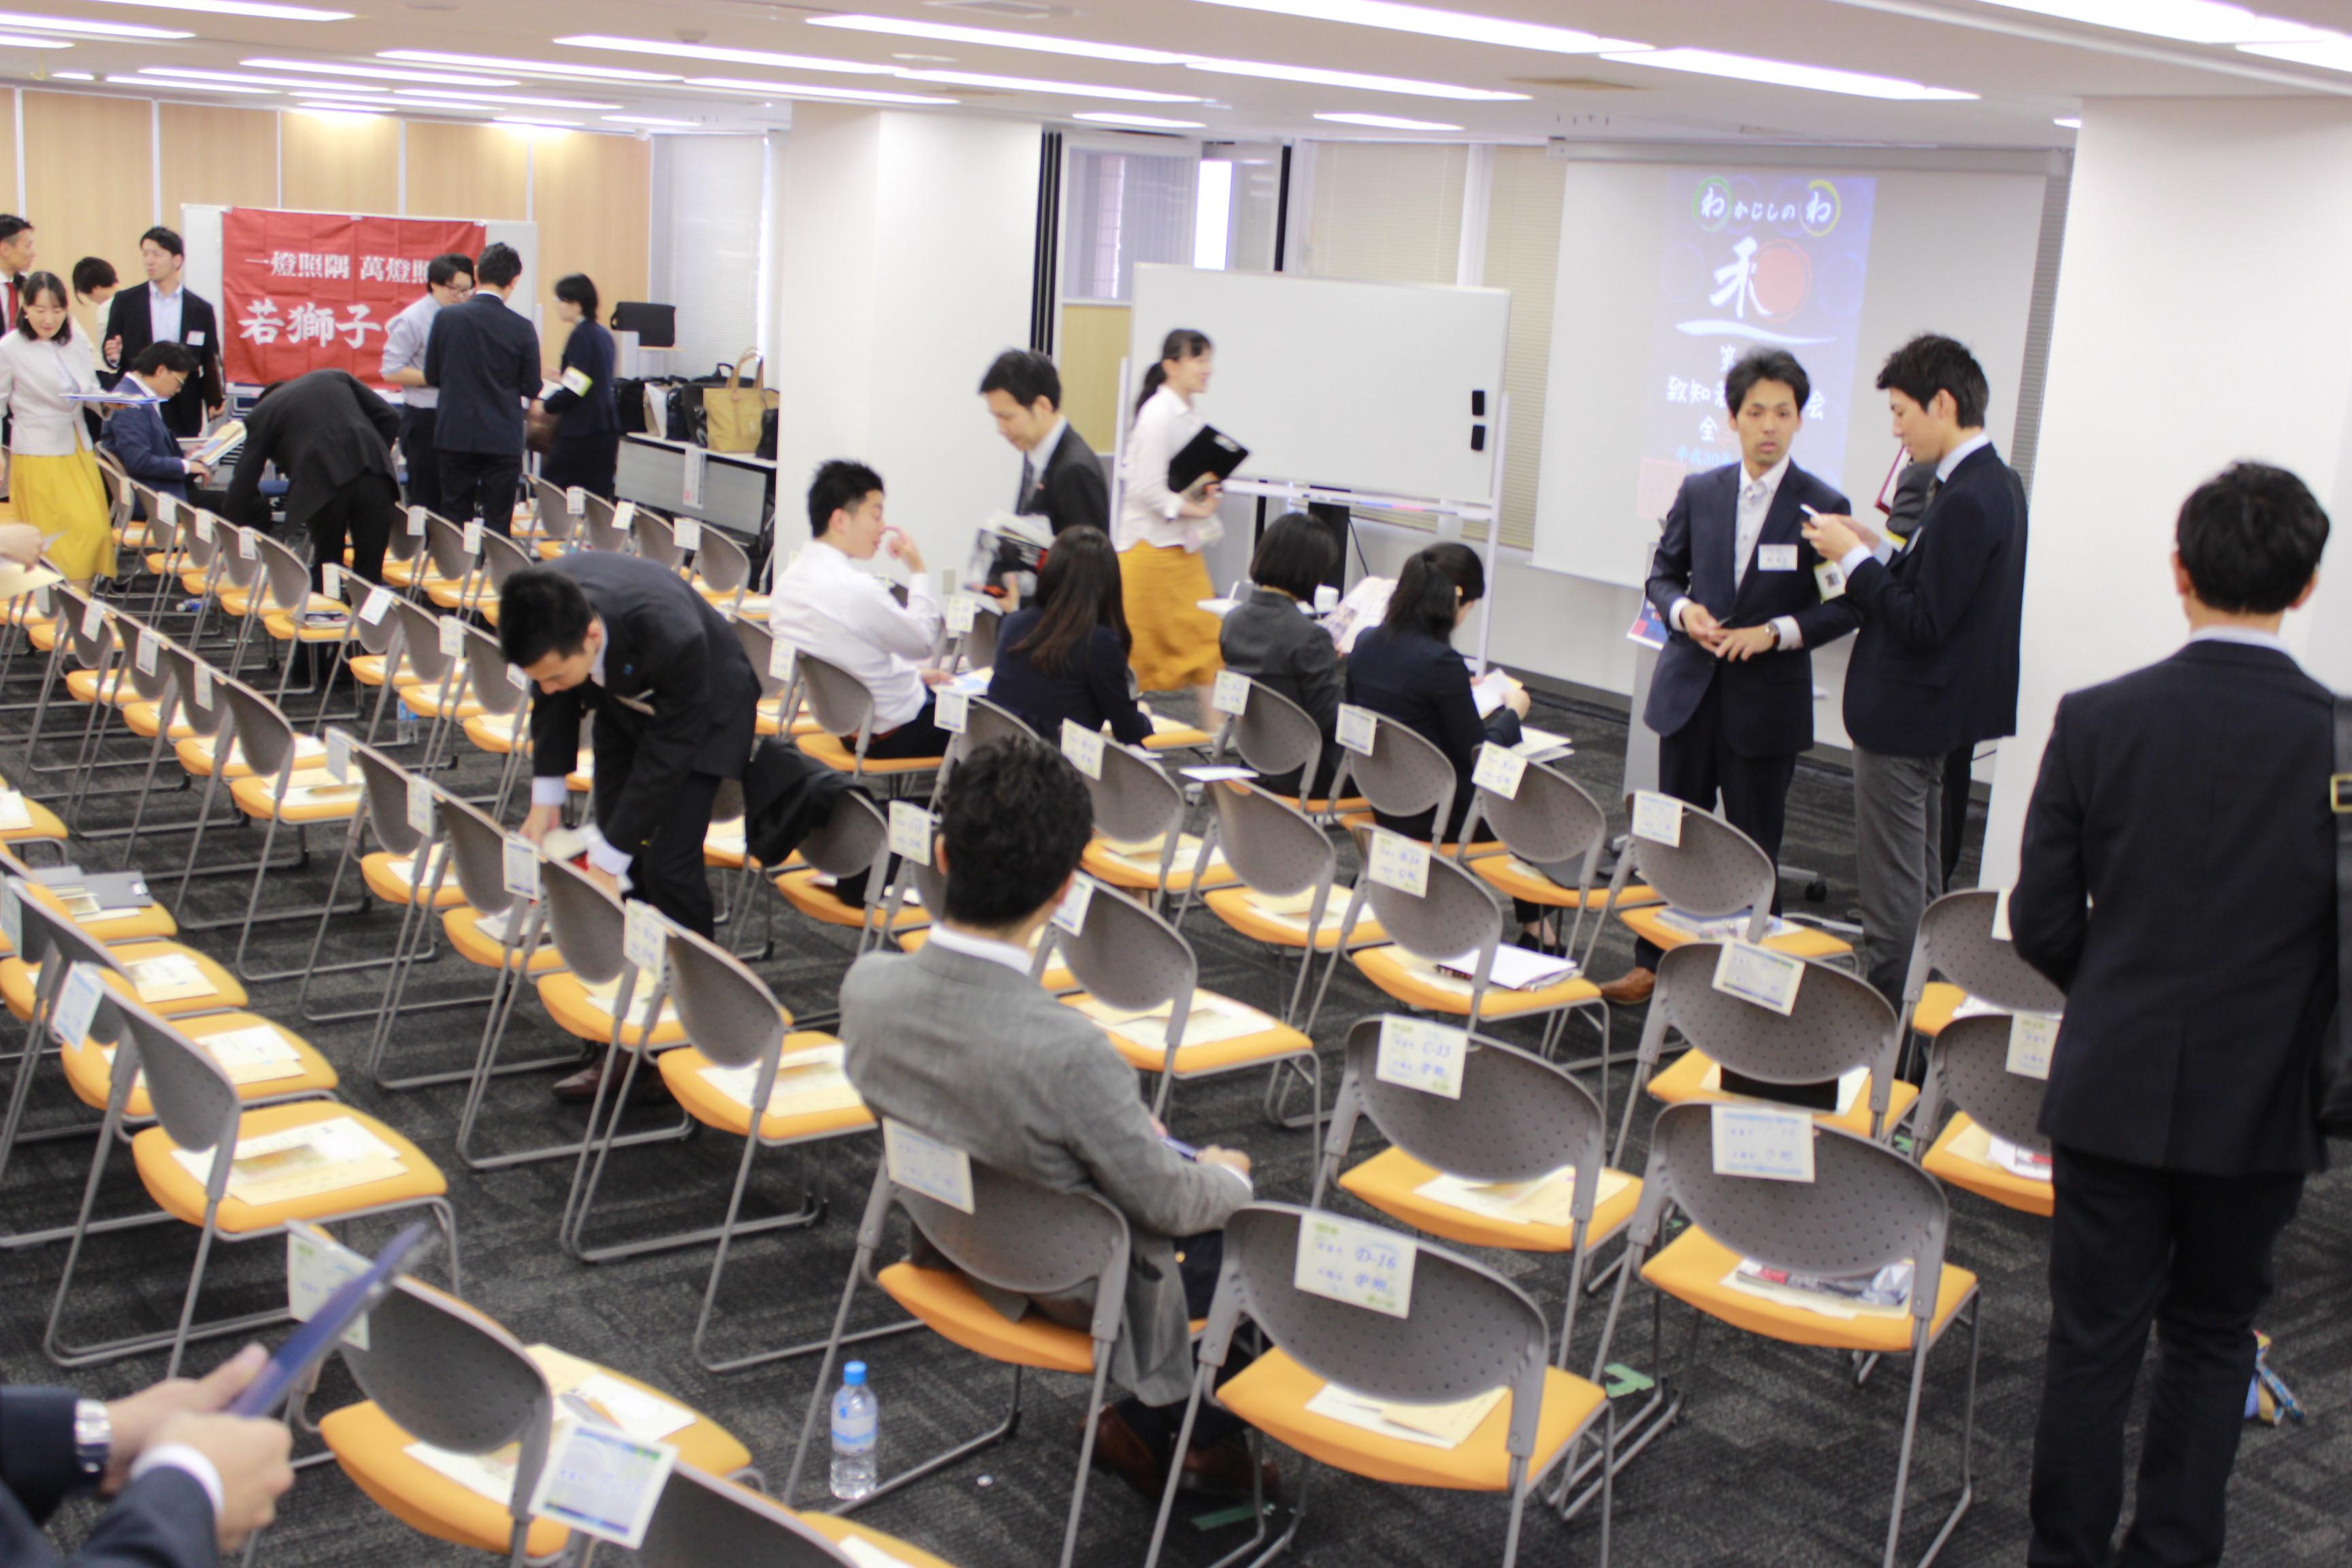 IMG 7727 - 関東若獅子の会、記念すべき第100回